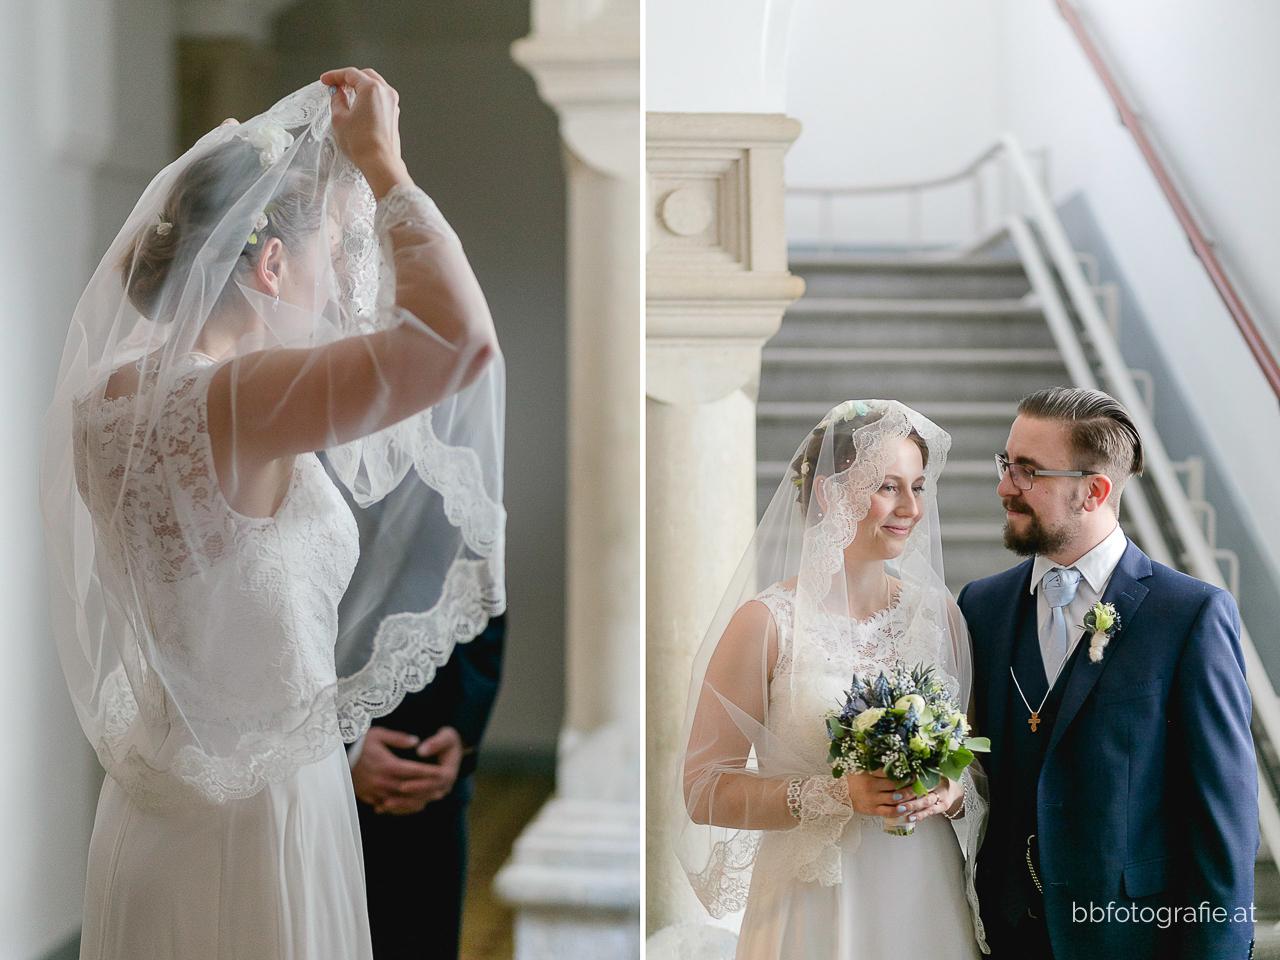 Hochzeitsfotograf, Hochzeitsfotograf Wien, Hochzeitslocation Wien, Winterhochzeit, Getting Ready, Hochzeit Russisch-Orthodoxe Kirche Wien, b&b fotografie